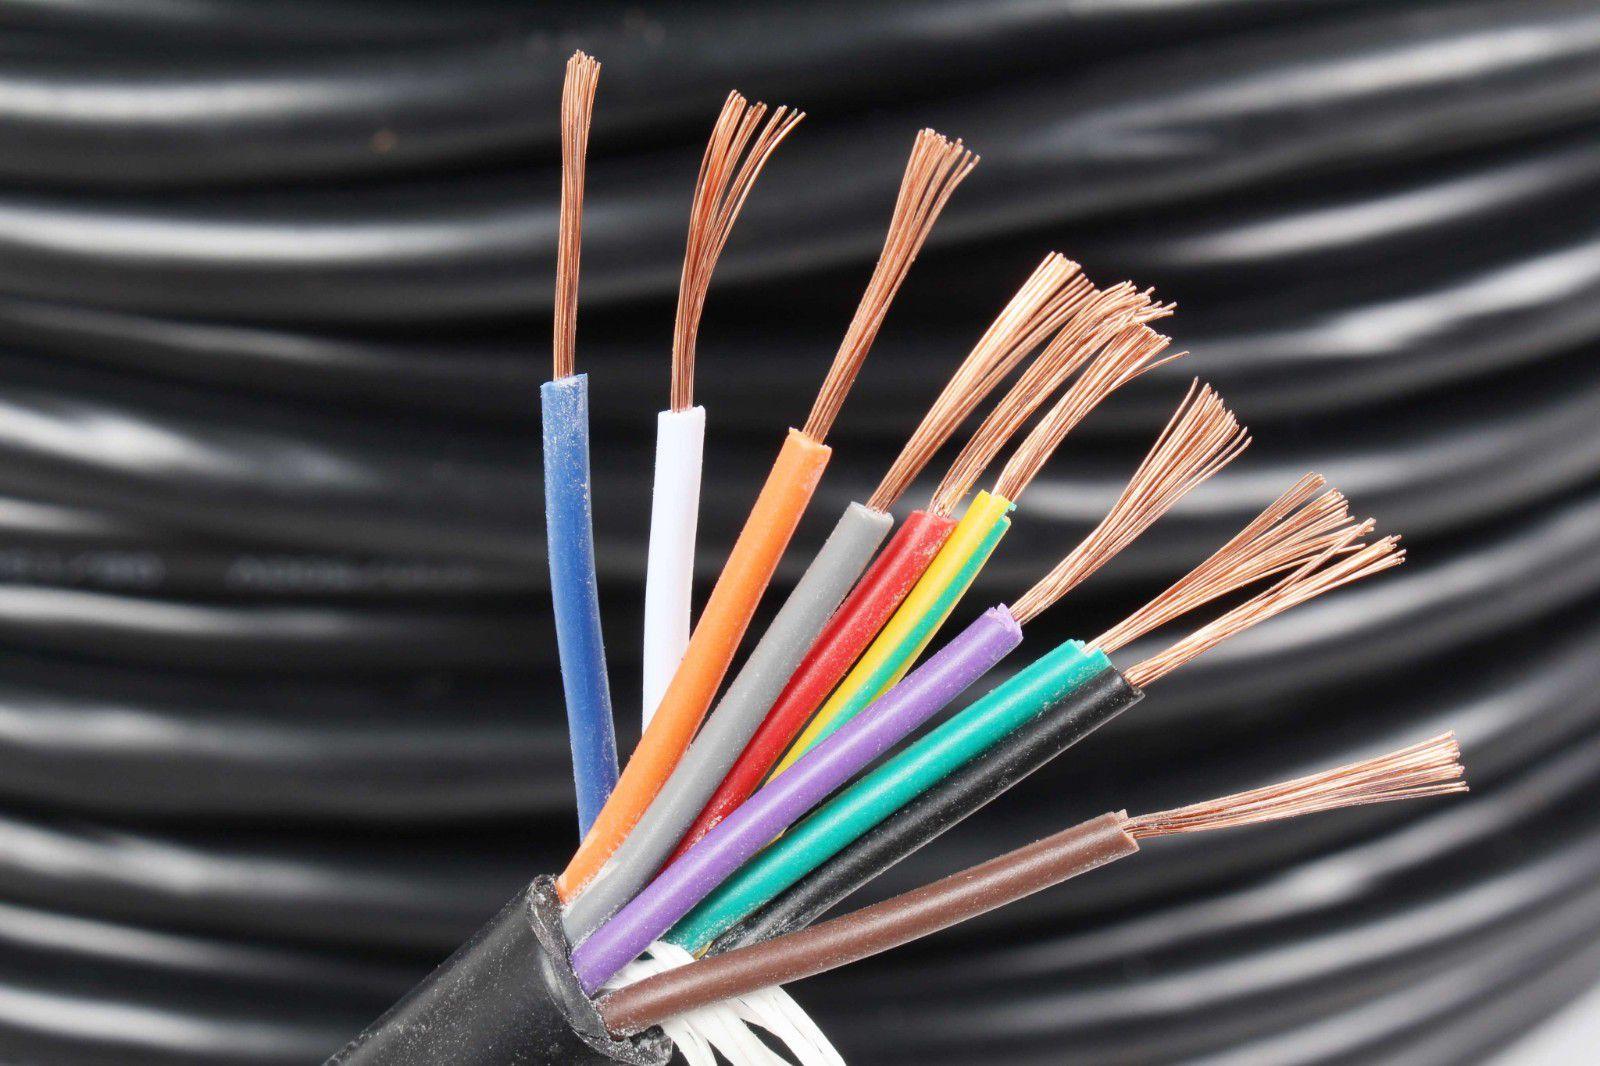 葫芦岛矿用橡套电缆产品的区分鉴别方法